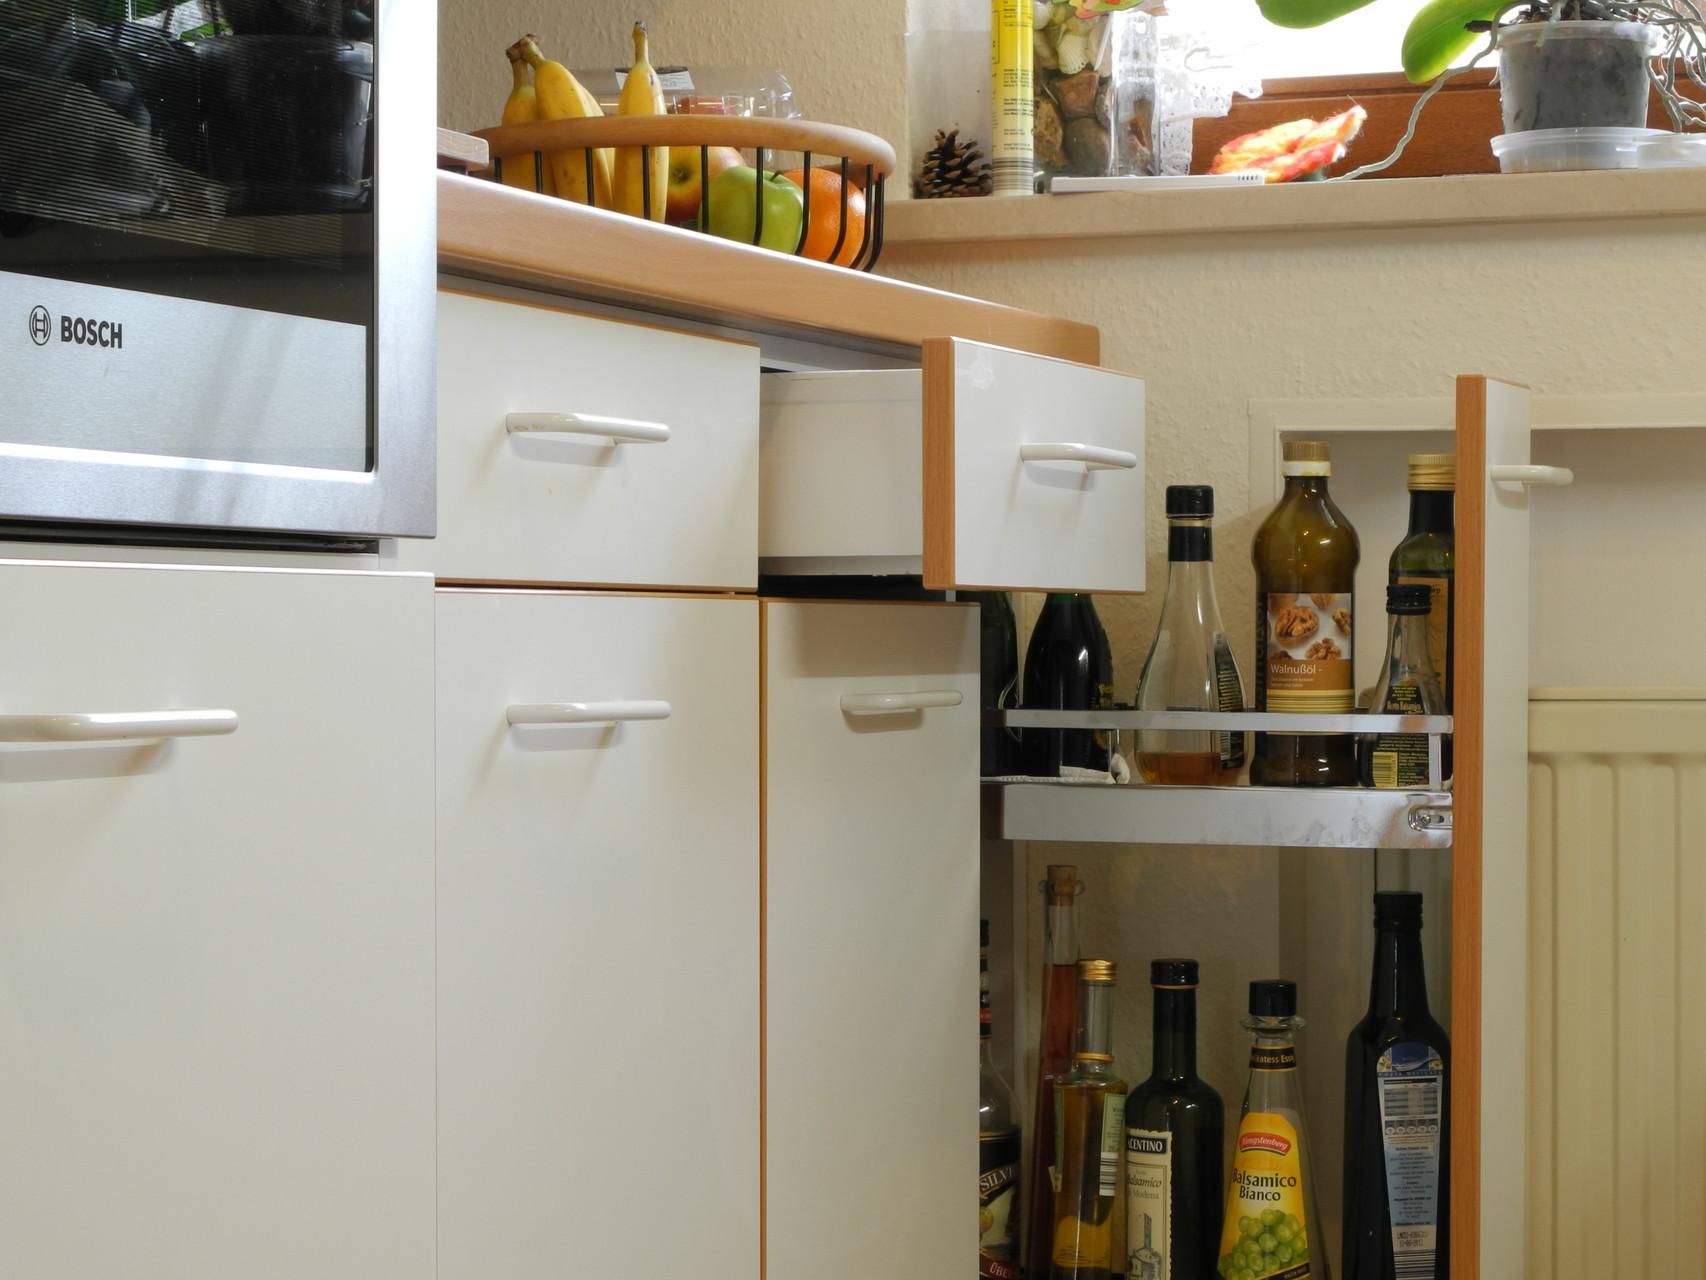 Auszüge / Schubladen unter Arbeitsplatte einer Küche